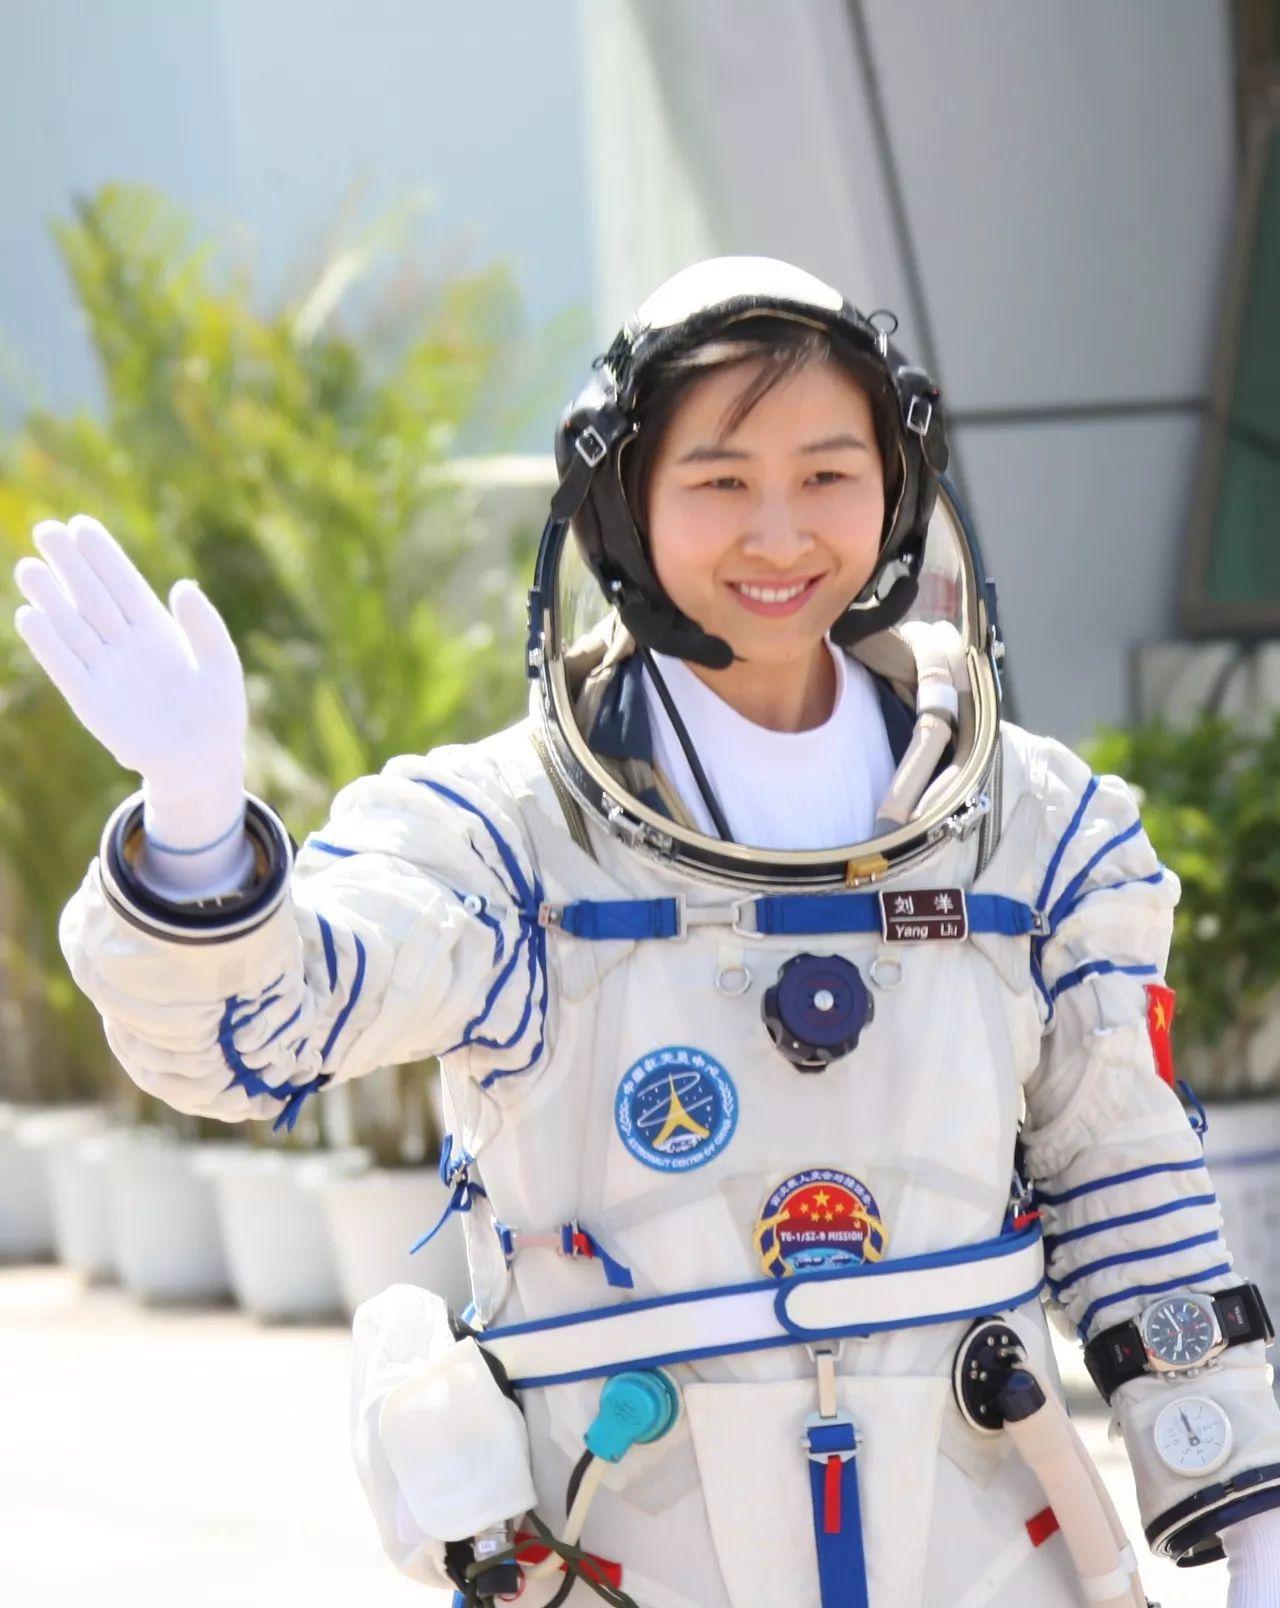 定了!神舟十三号10月3日发射,航天员13选3,会有女航天员吗?